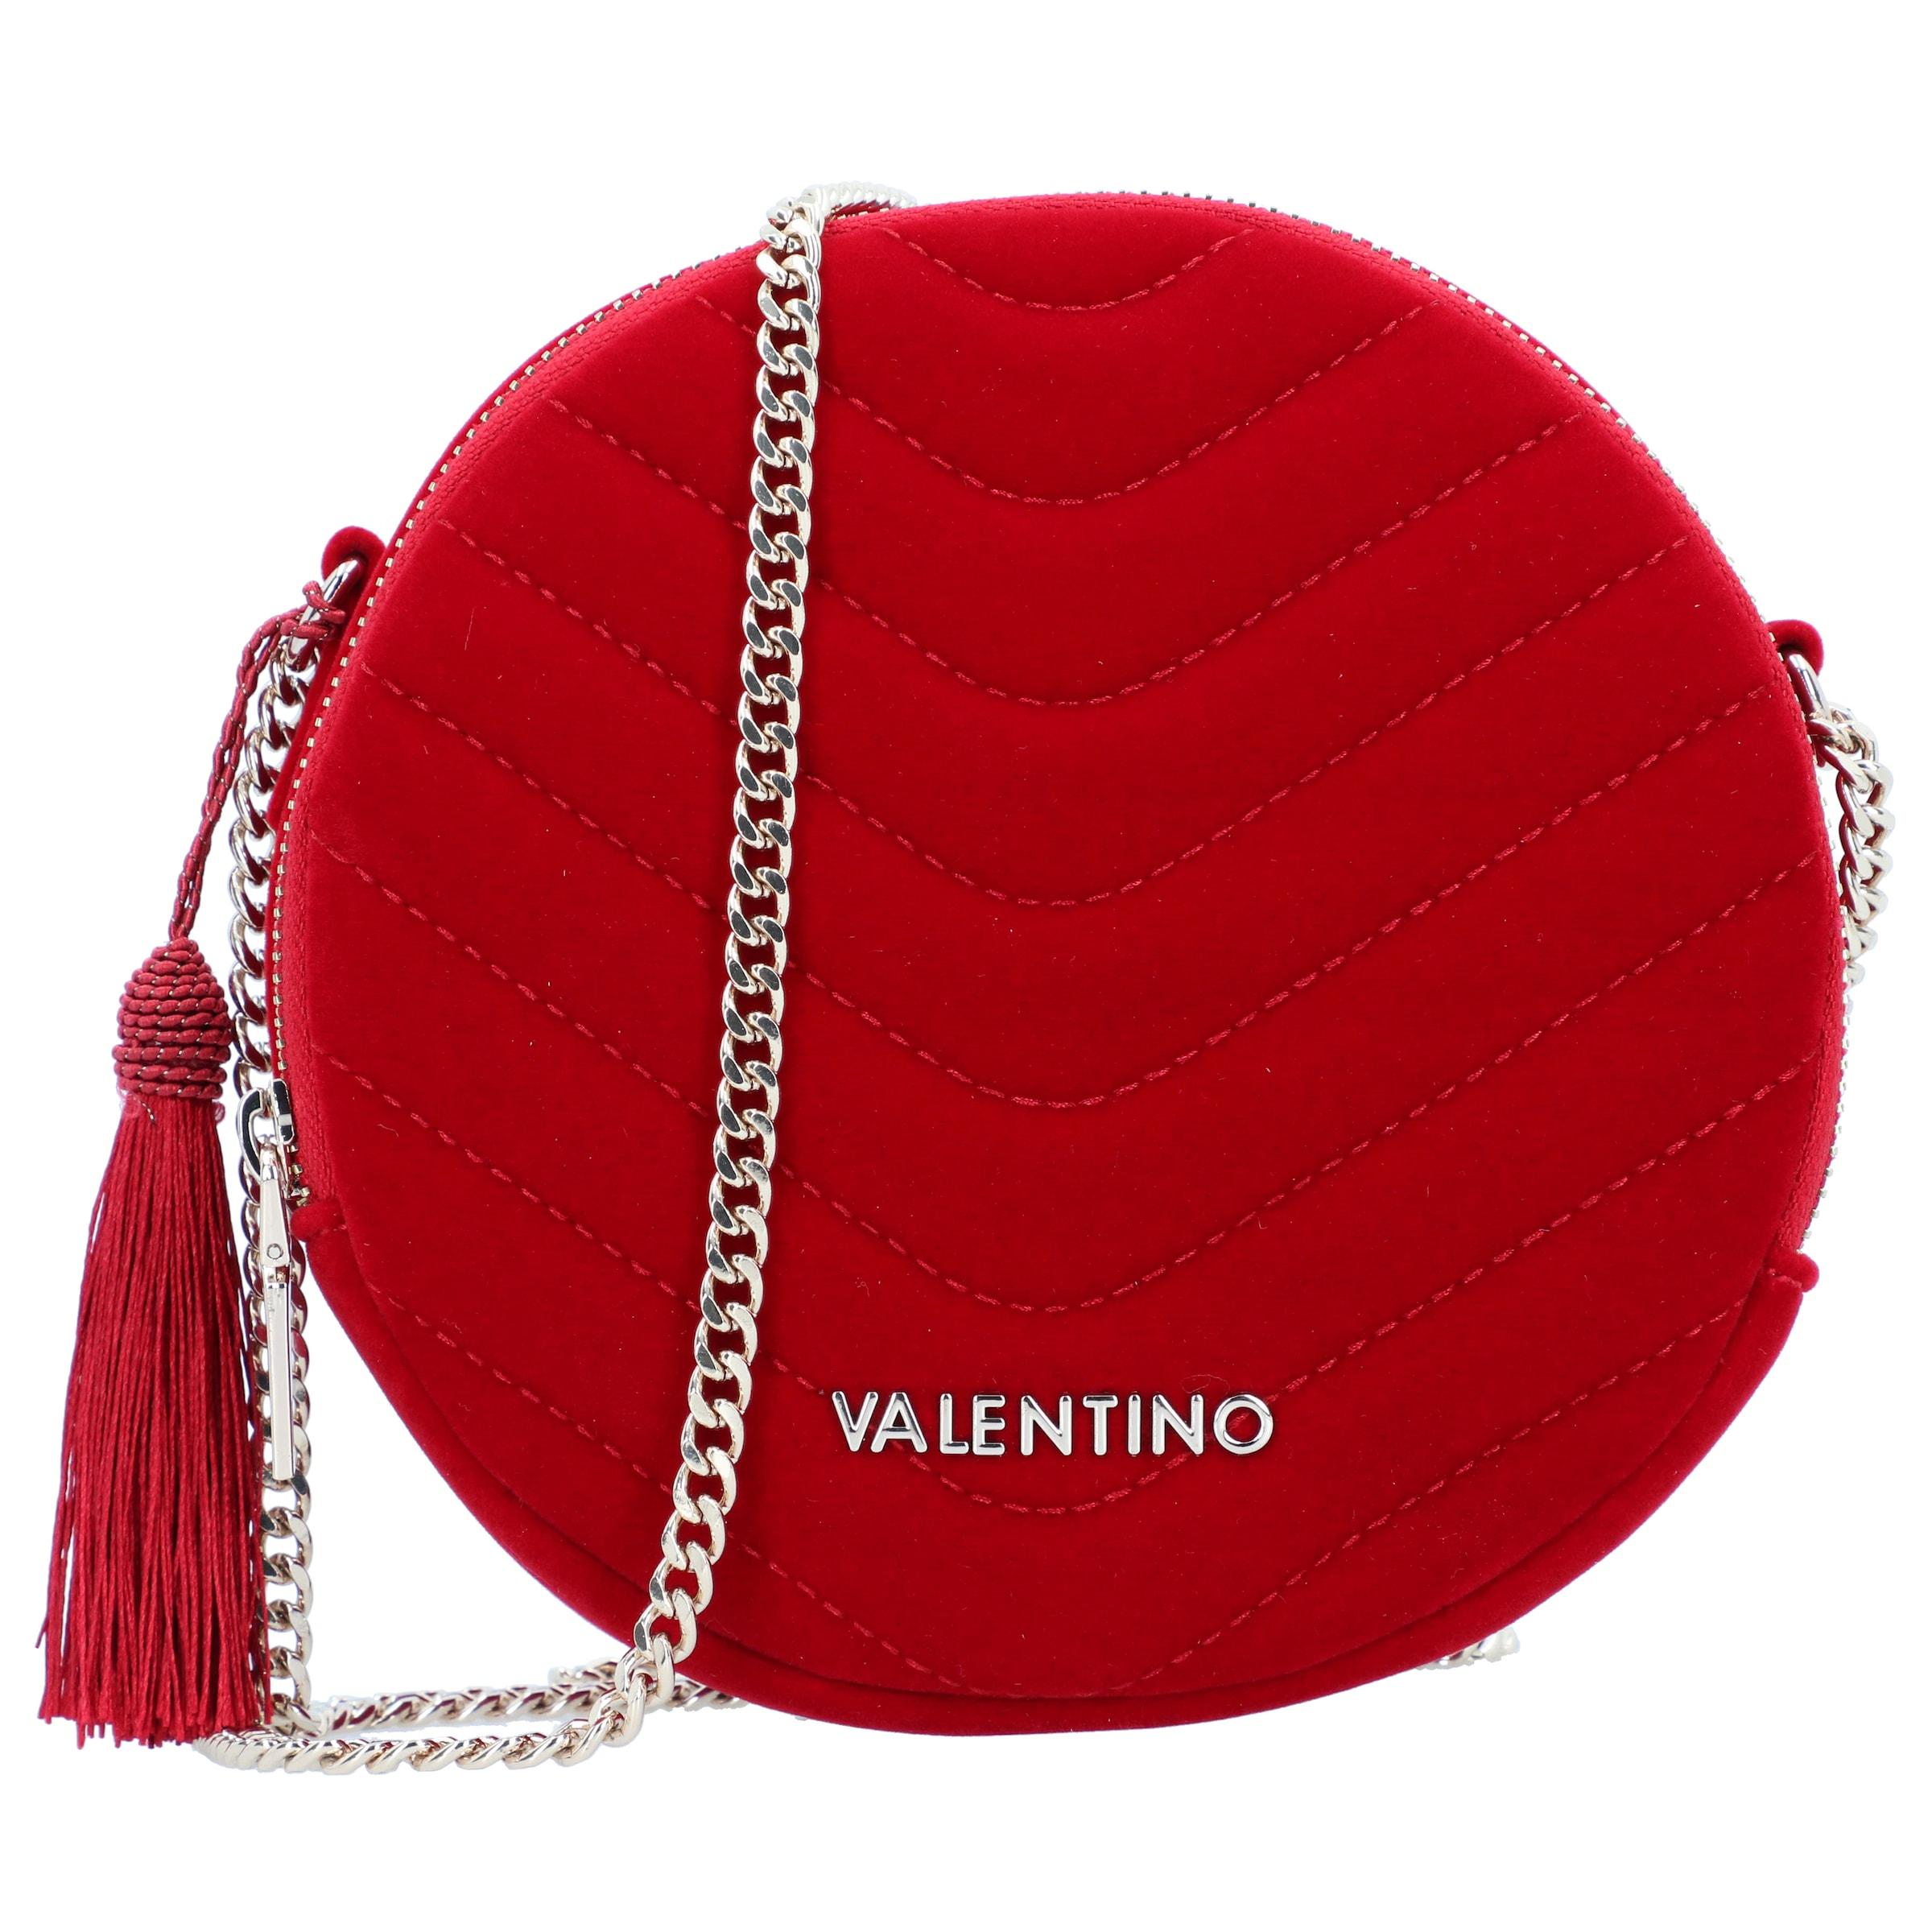 Bandoulière Mario 'carillon' Rouge Valentino By Sac À En w80OPkXn